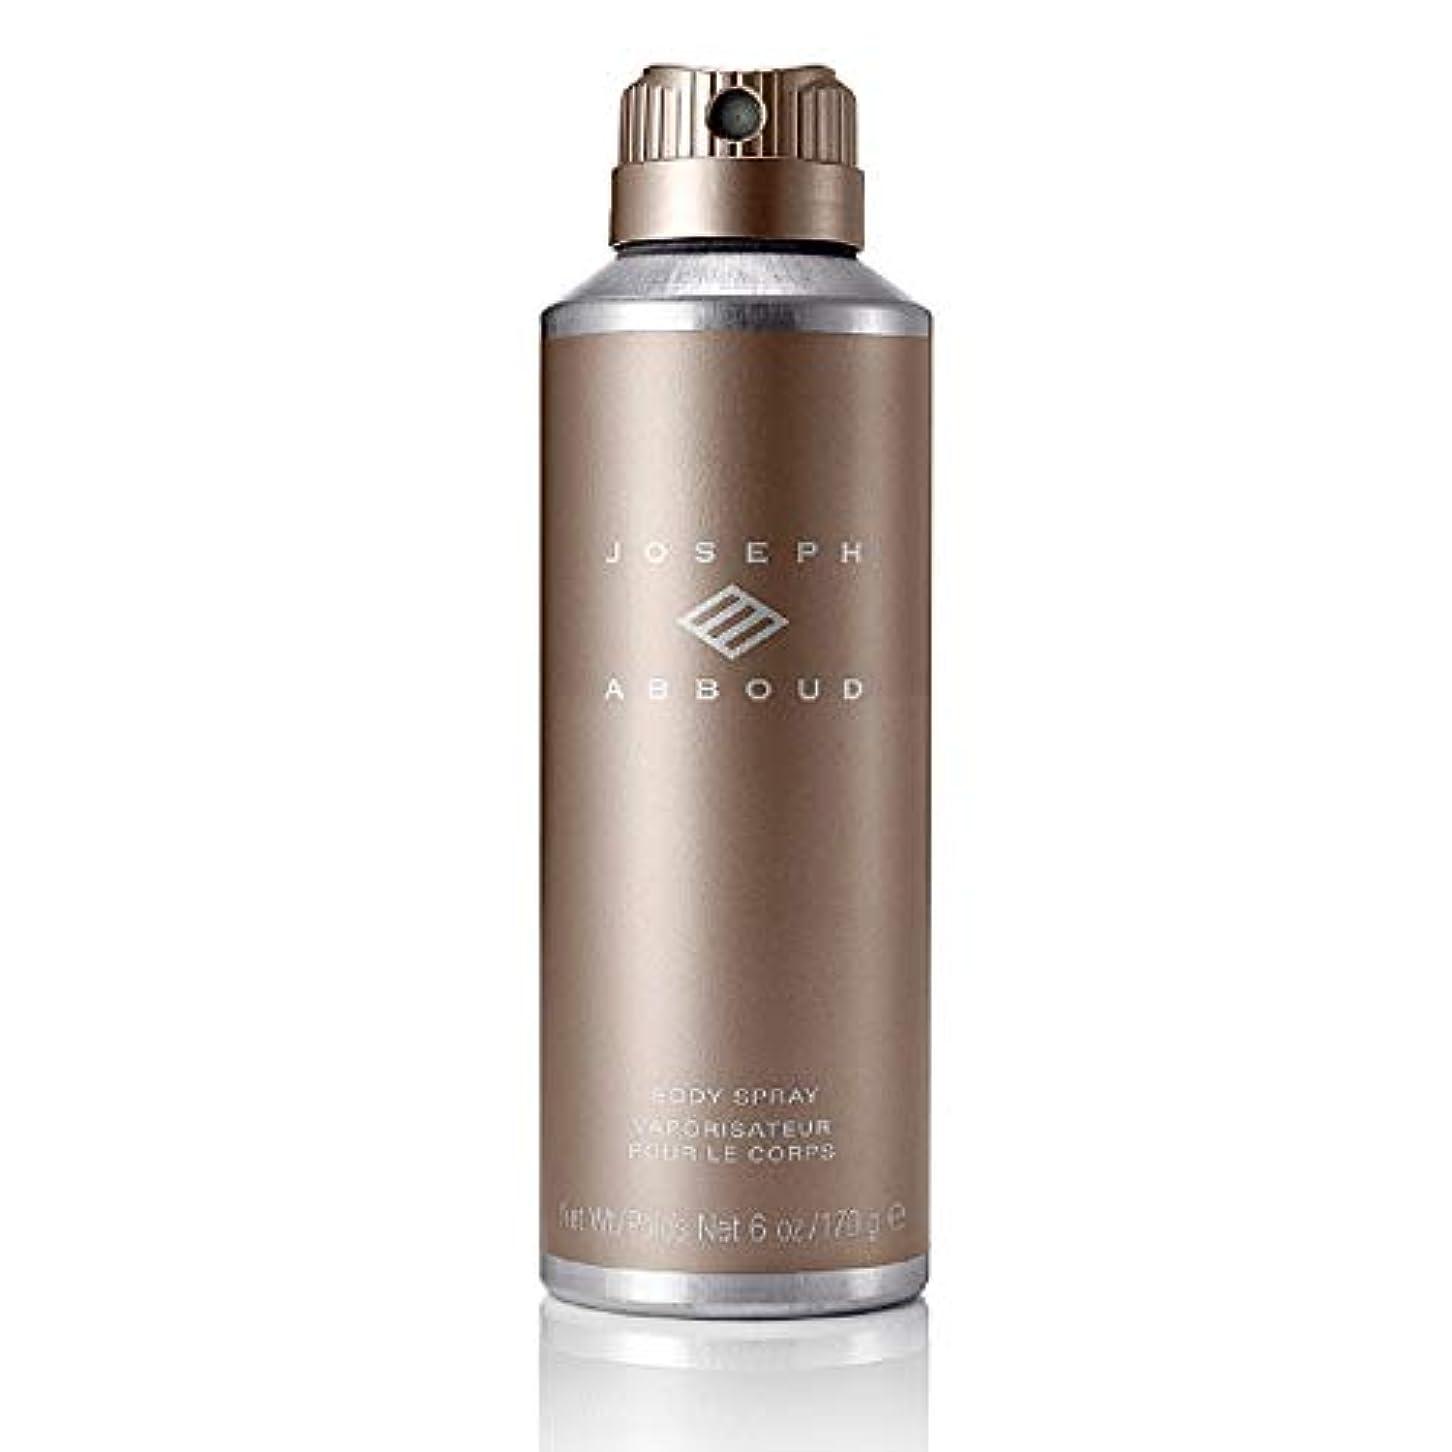 処理する名前系譜Joseph Abboud ボディスプレー - 男性のための洗練された、官能的なフレグランス香水 - 大胆な男性の香り - フレッシュシトラス。竹、ラベンダー、ゼラニウム、セージ - 6オズ